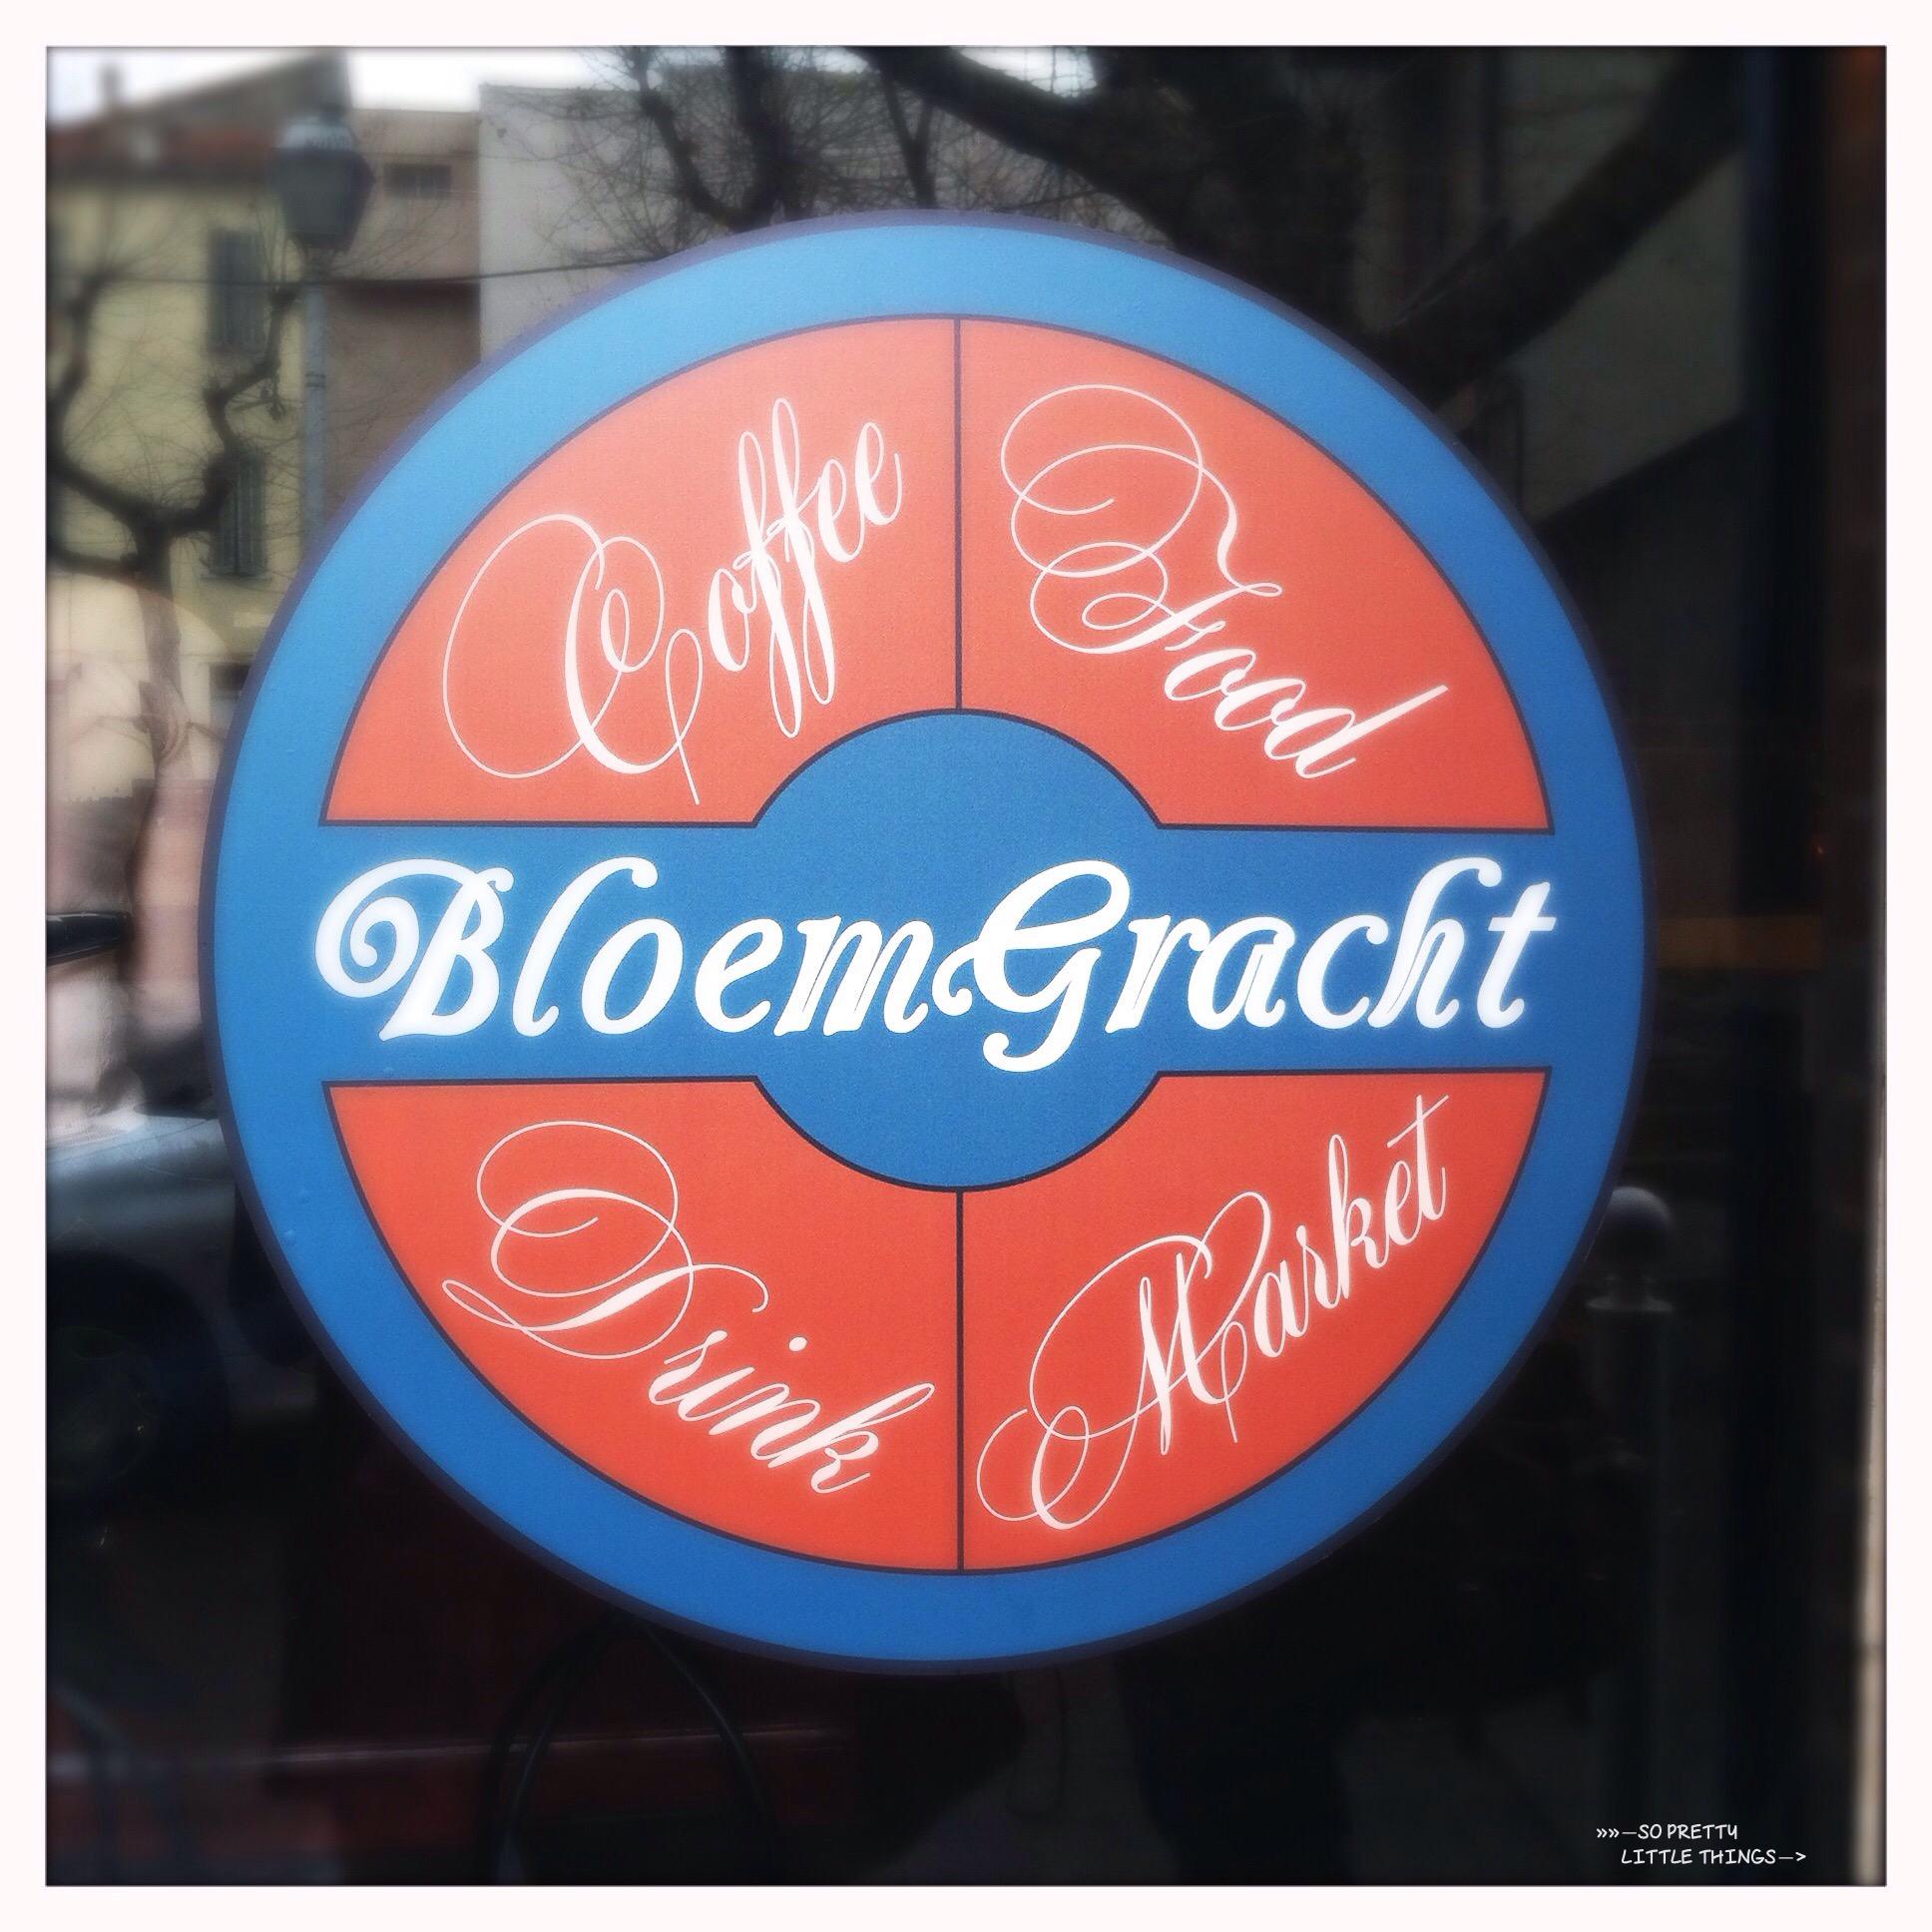 Gros plan sur le Coffee Shop BLOEMGRACHT